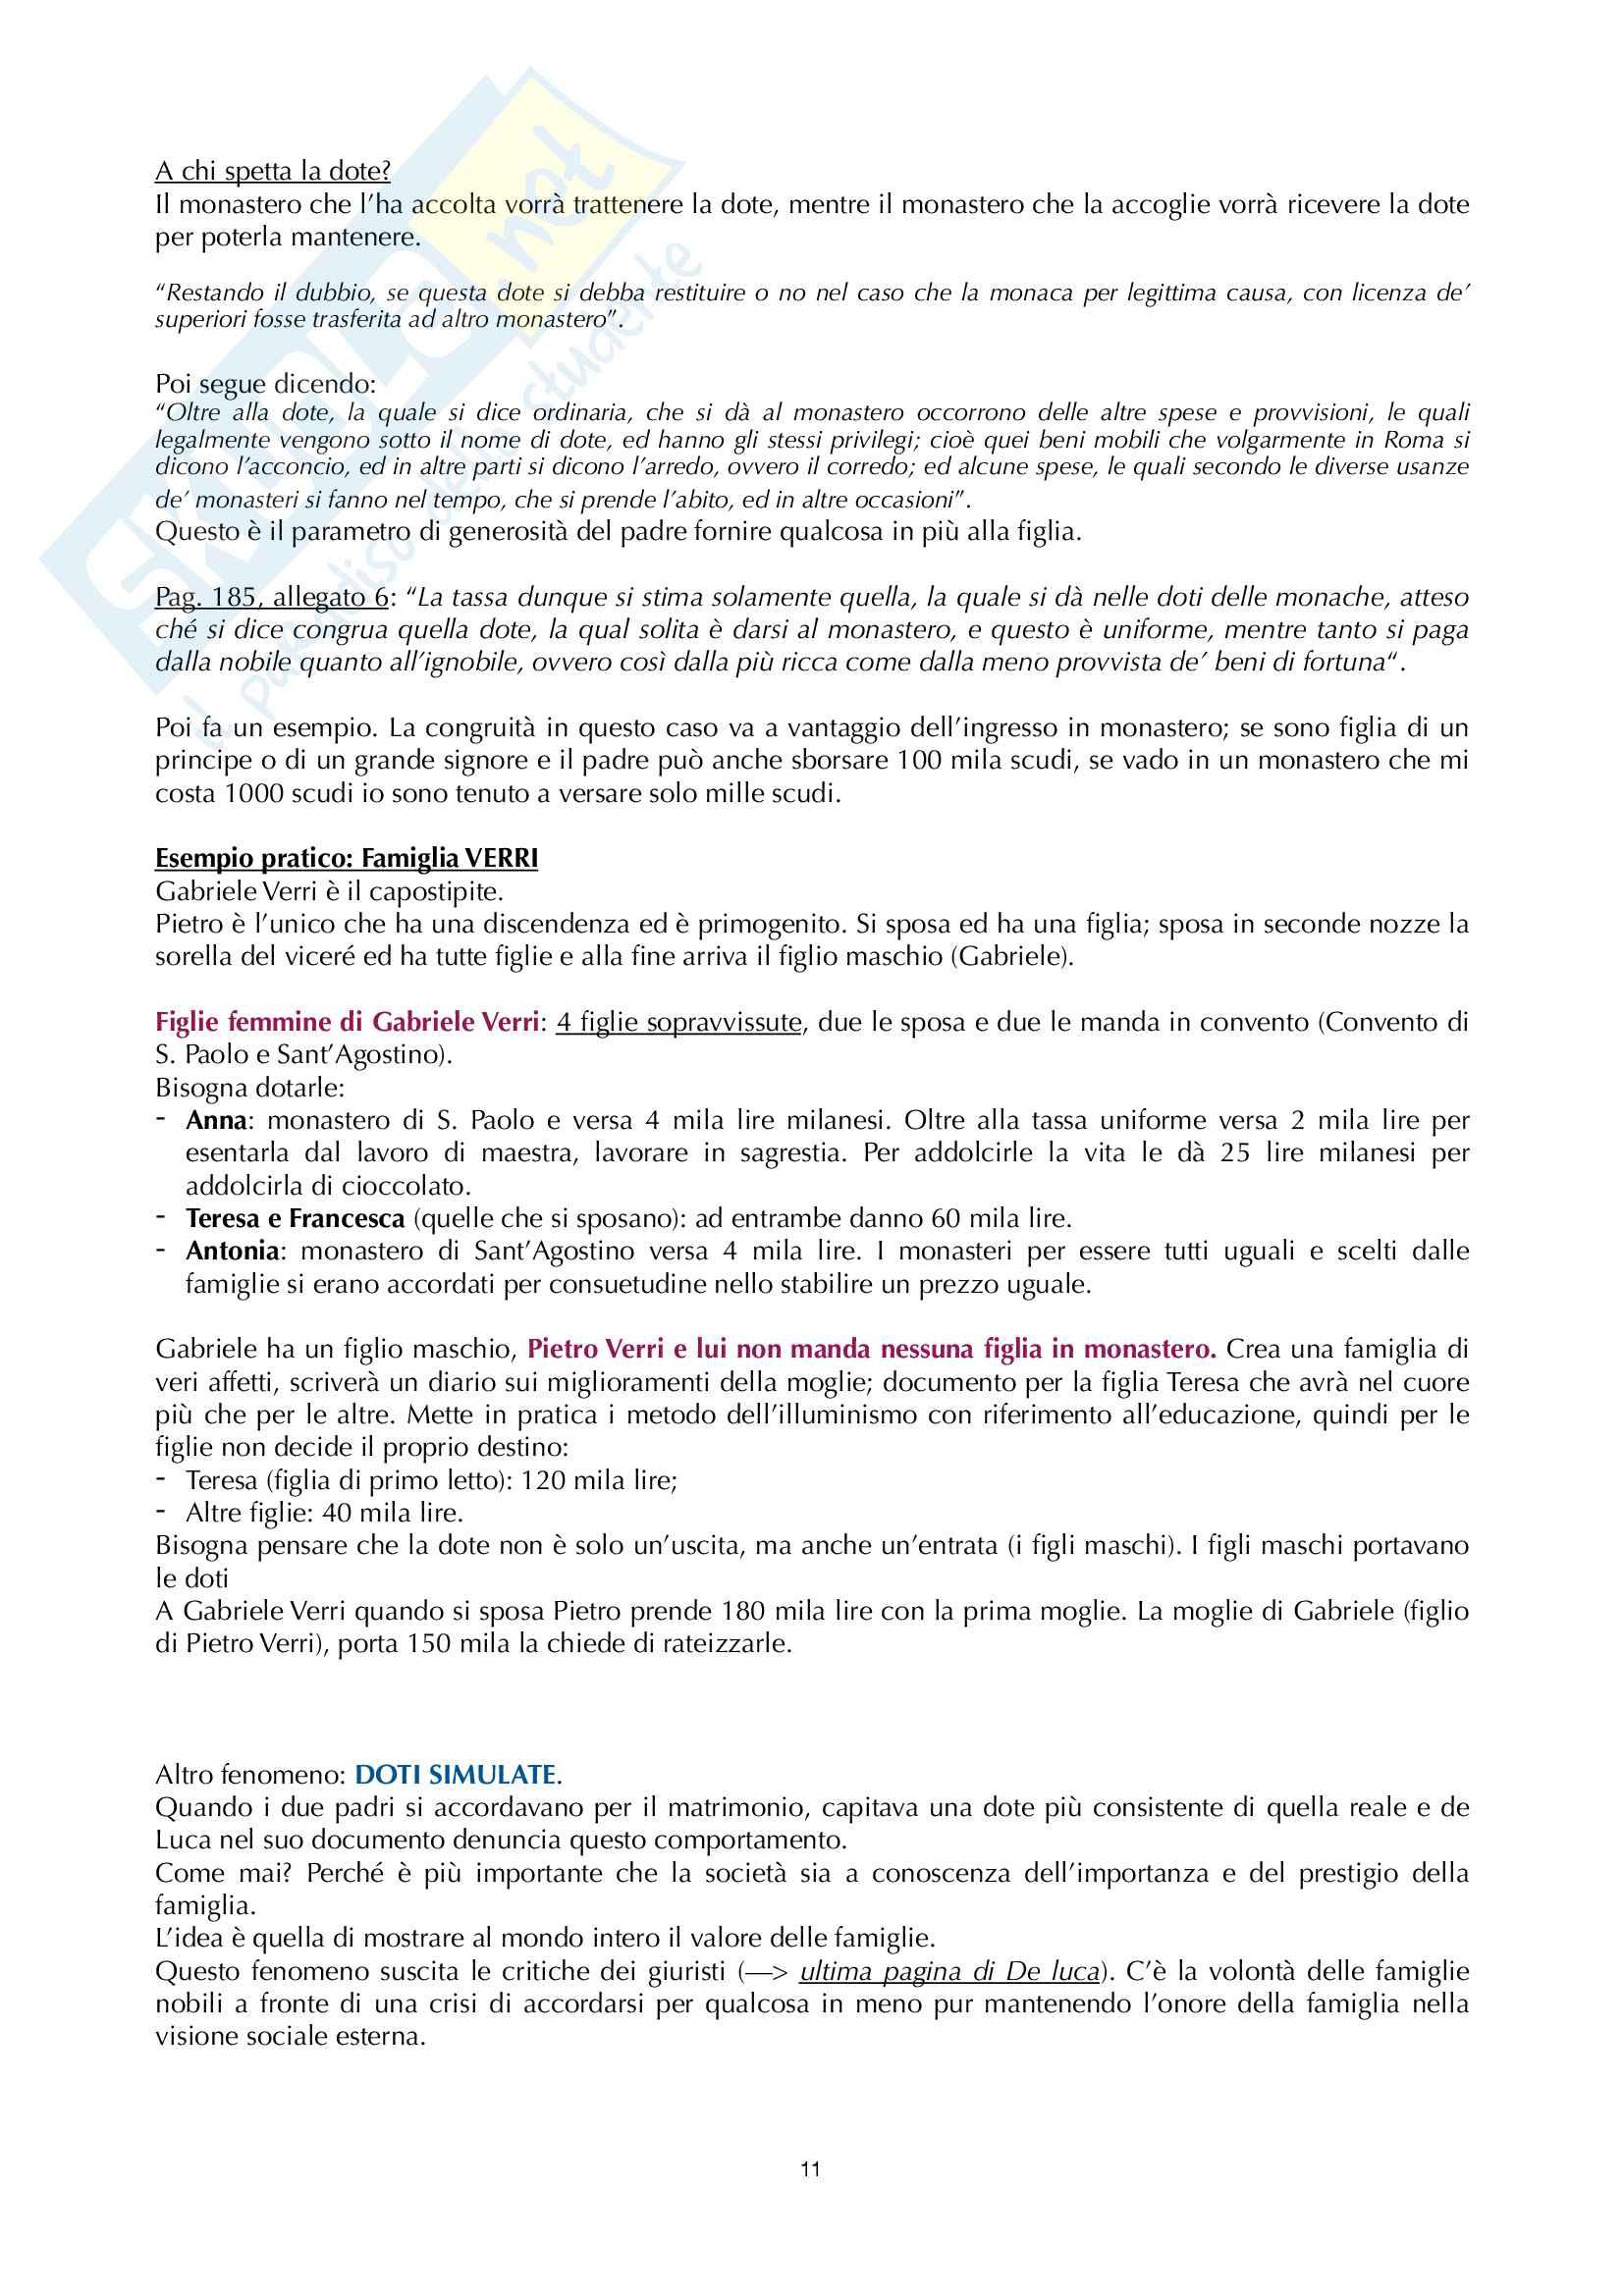 Appunti storia del diritto di famiglia Garlati Bicocca Pag. 11